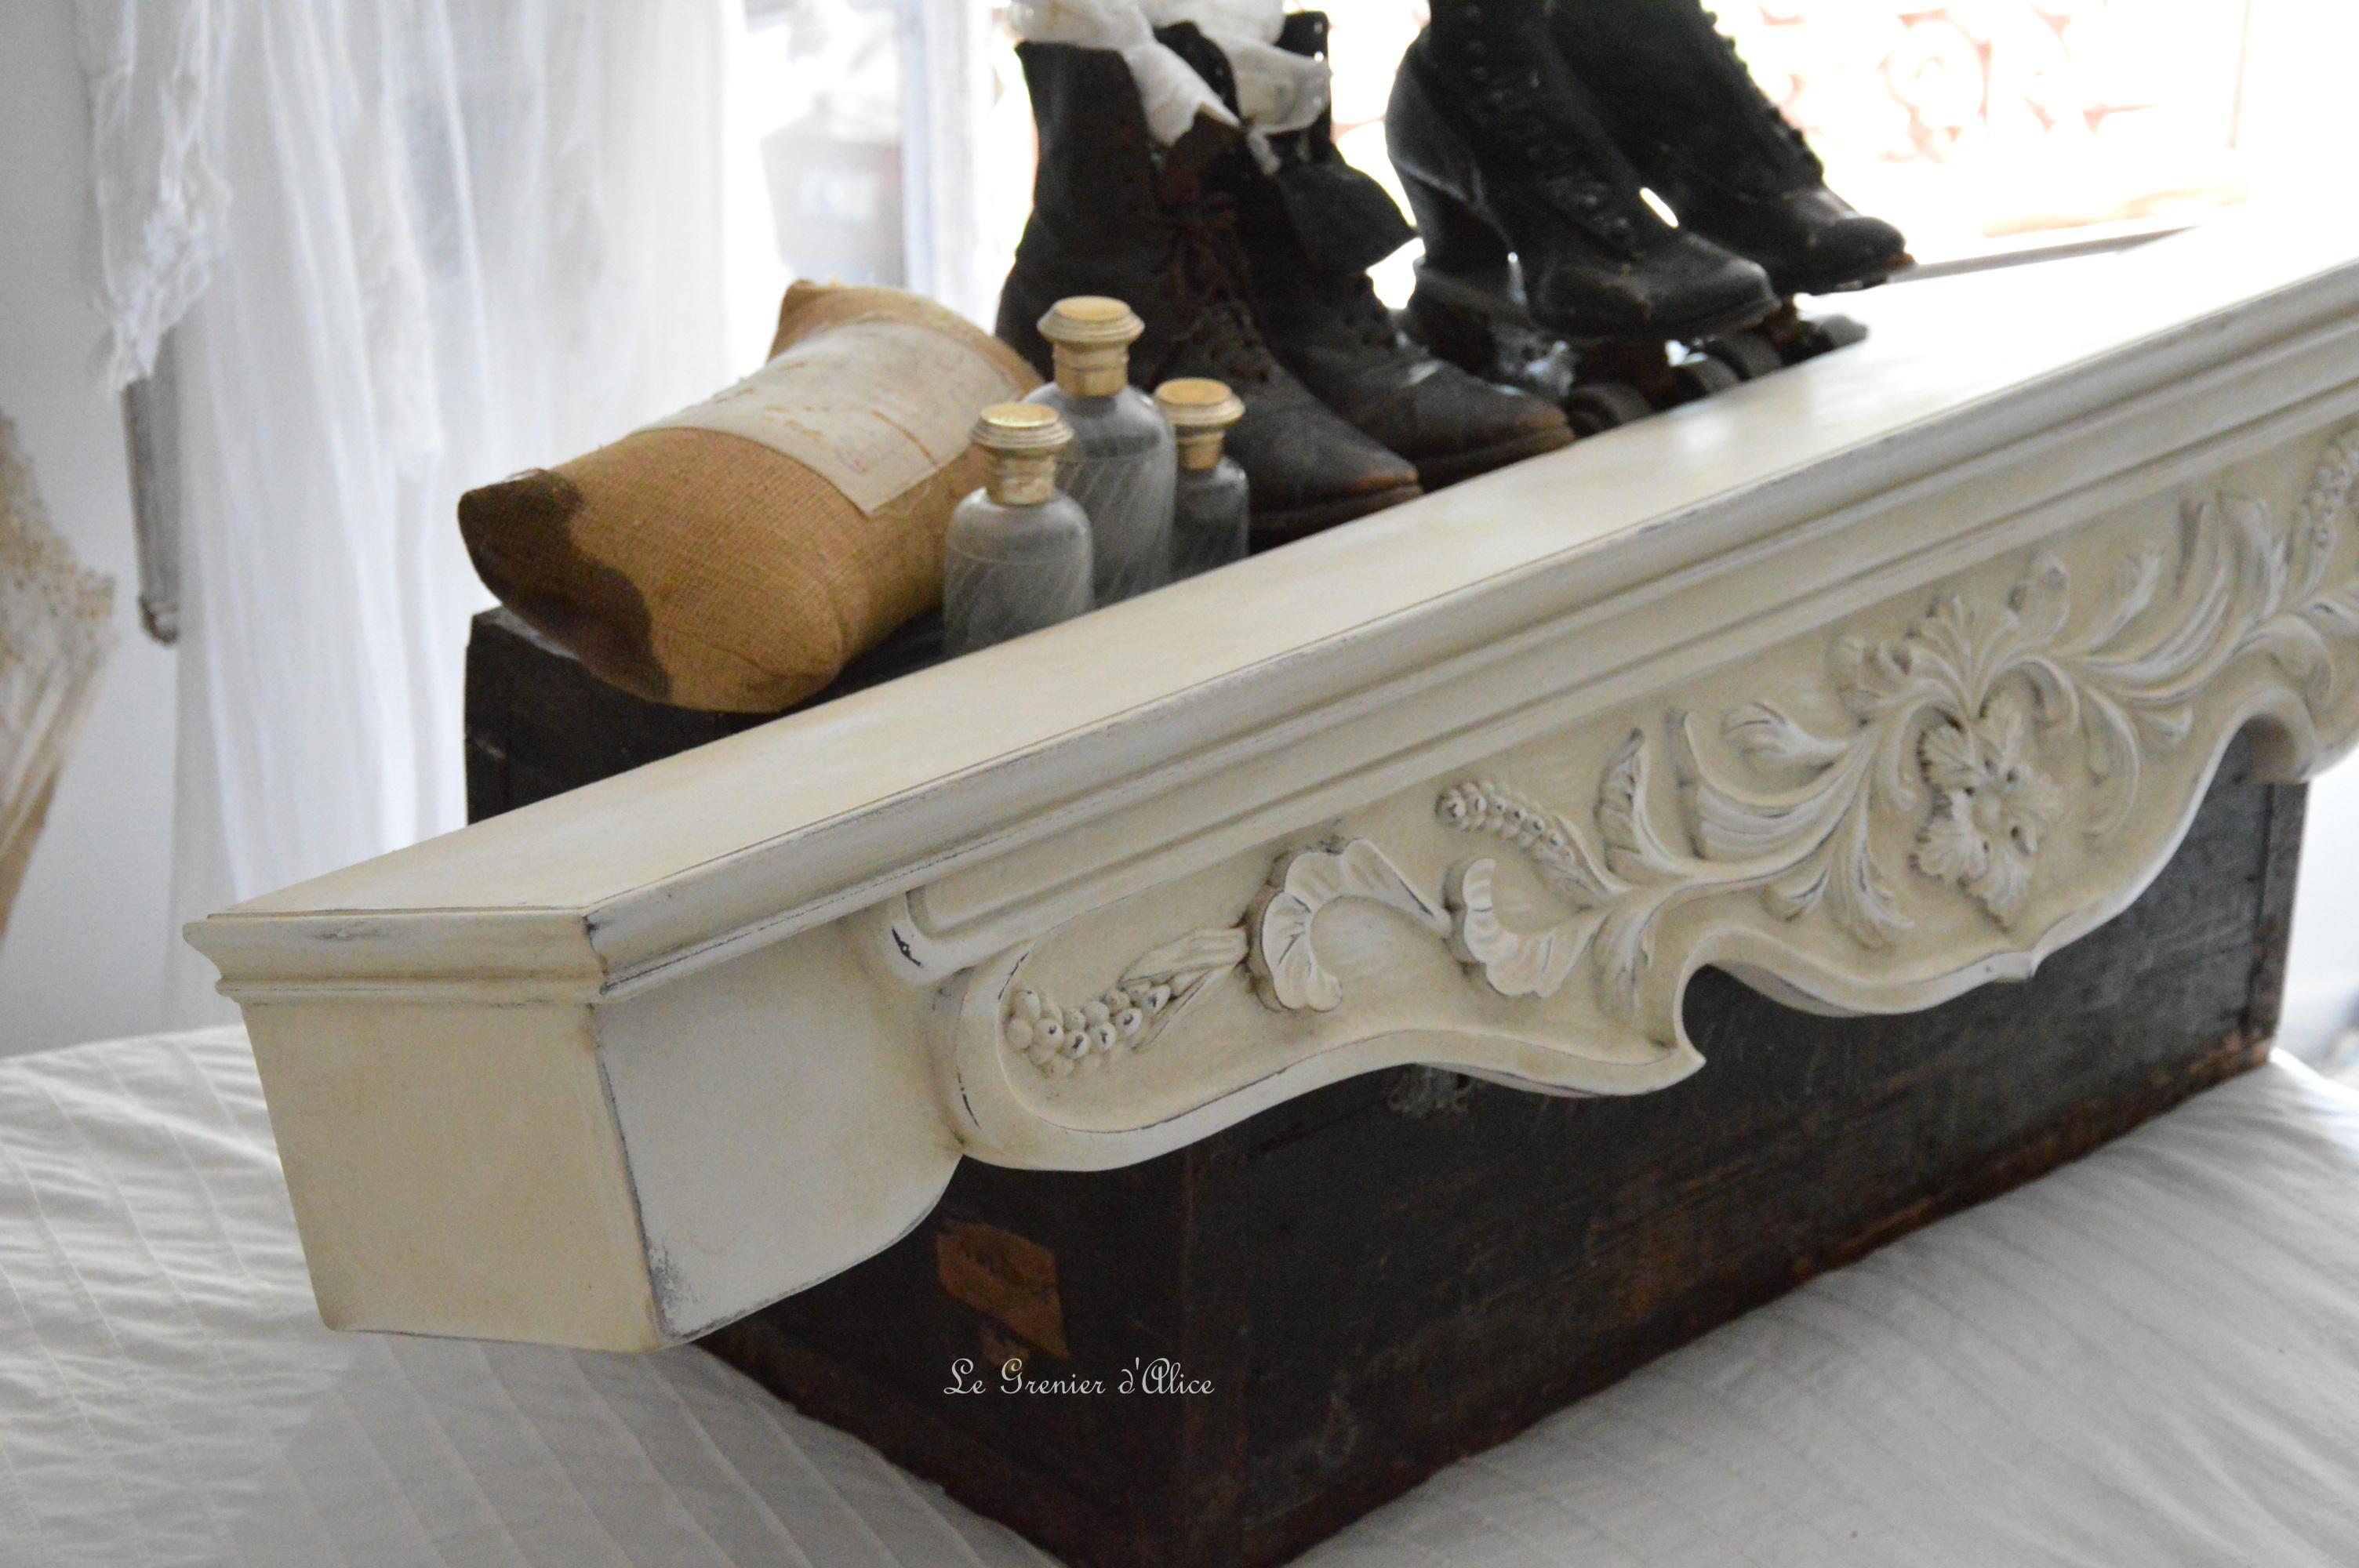 Cantonnière ciel de lit étagère shabby chic romantique création le grenier dalice 2